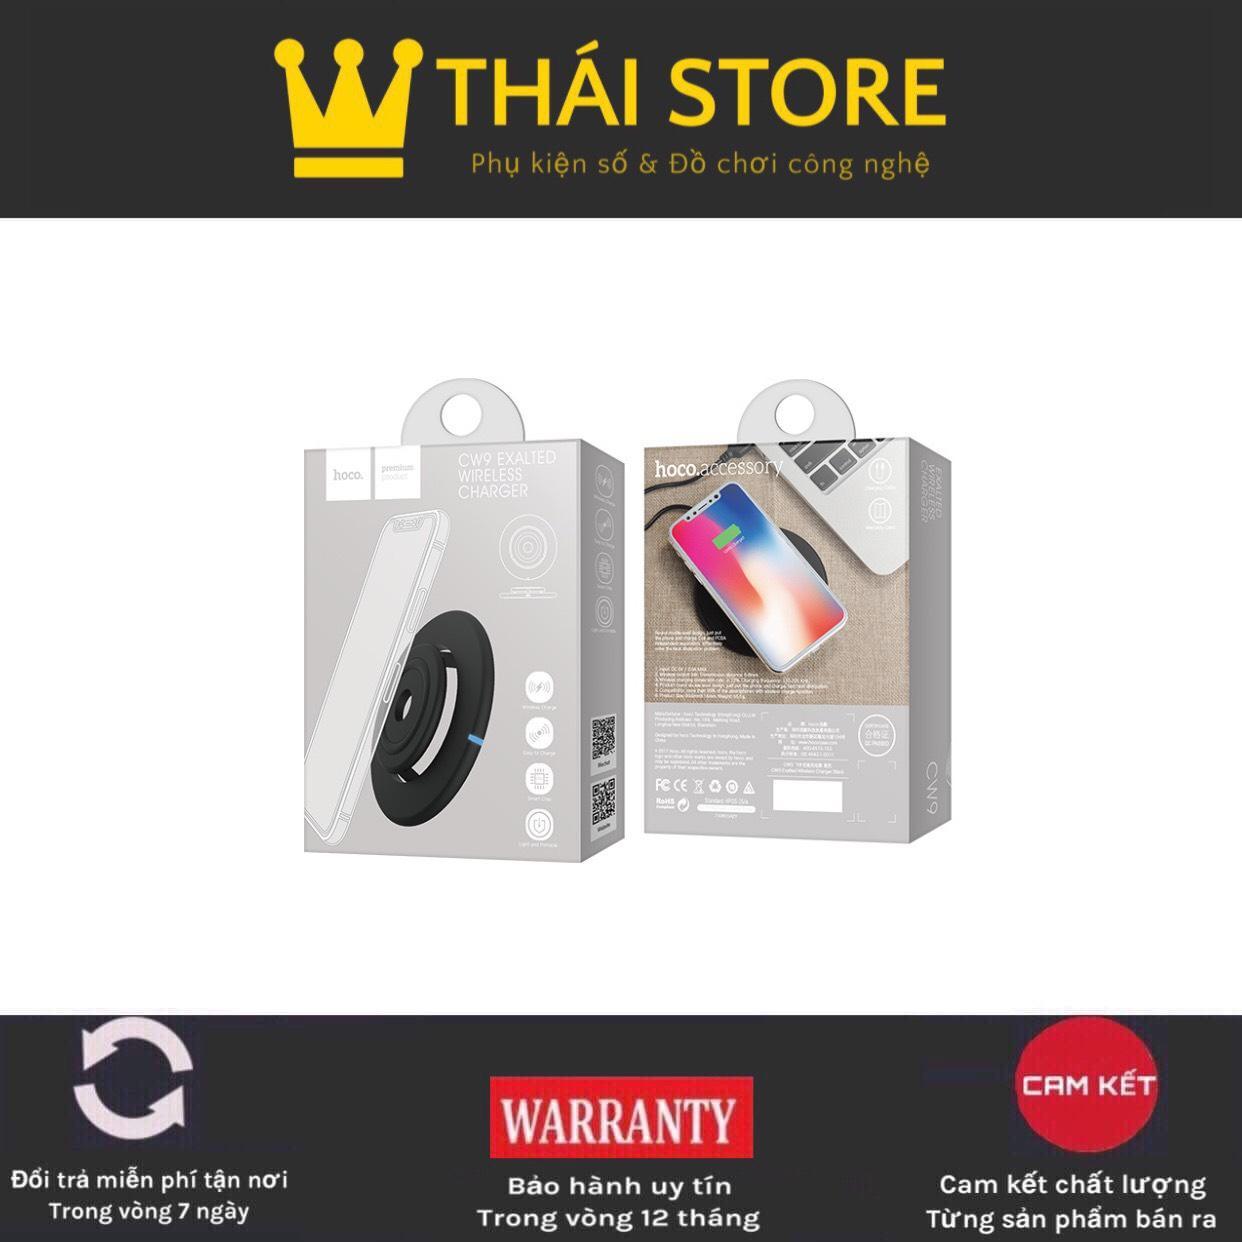 Đế sạc không HOCO CW9 thiết kế dễ thoát nhiệt Iphone/Samsung/Xiaomi... Chất lượng cao BH 12 tháng